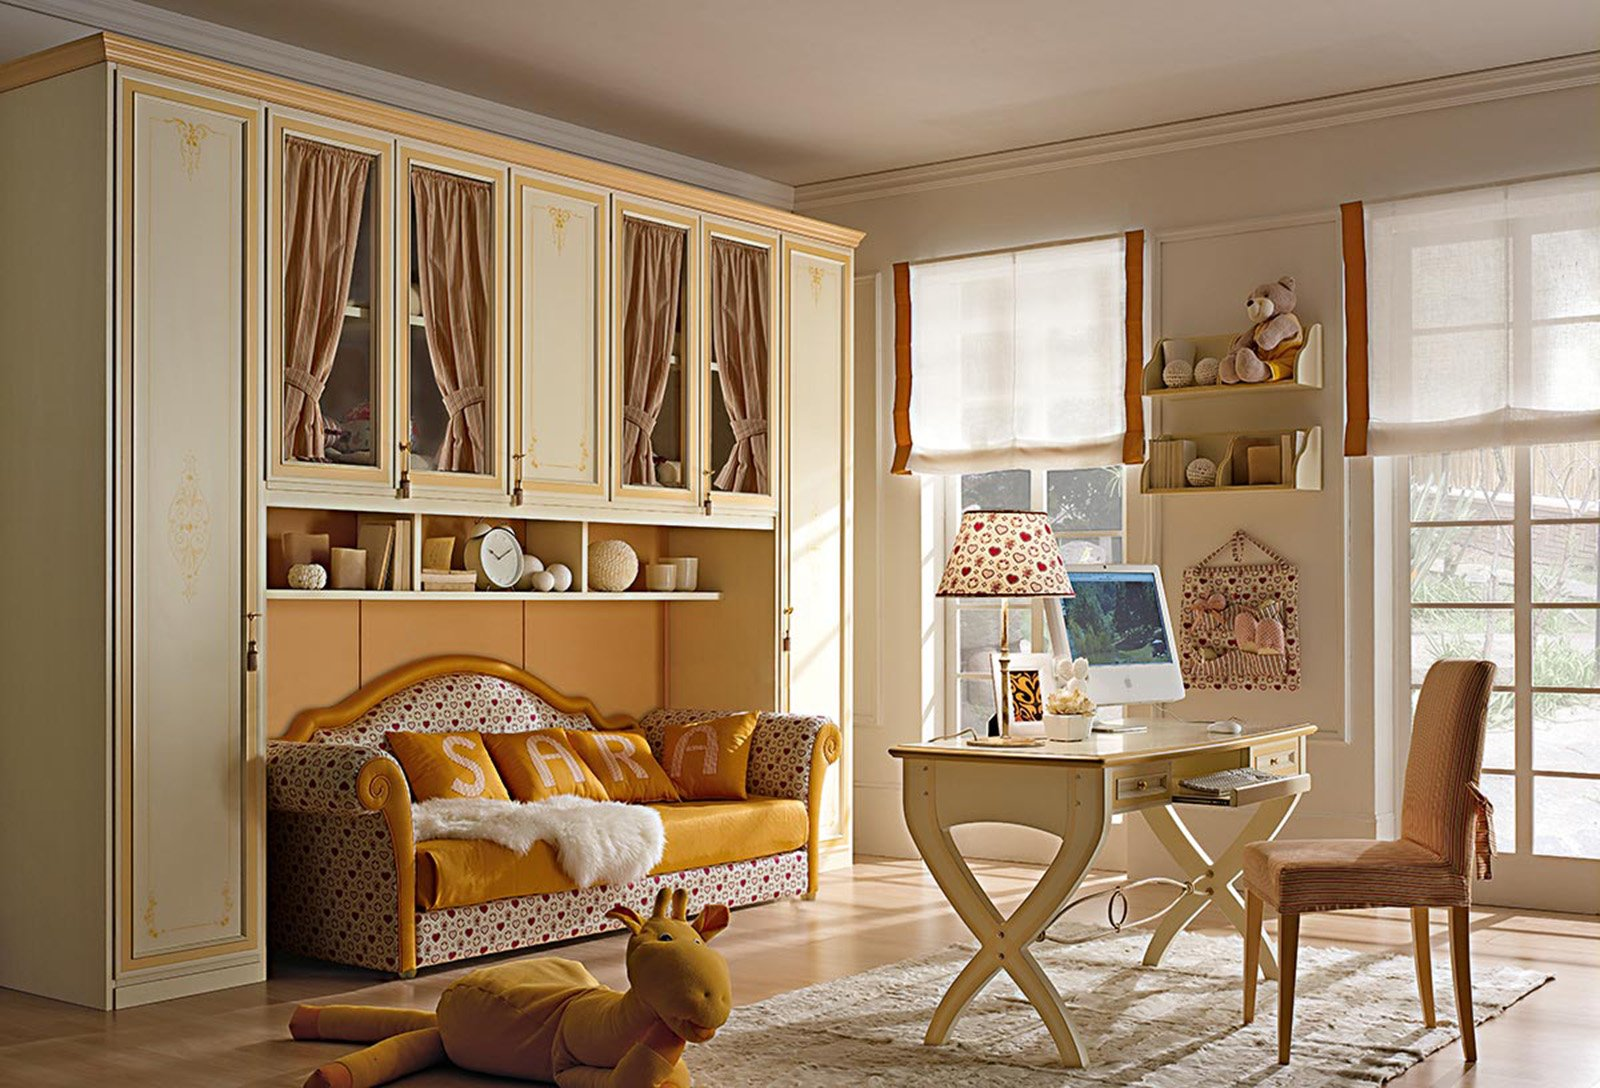 La cameretta romantica di gusto classico cose di casa for Camera da letto con divano